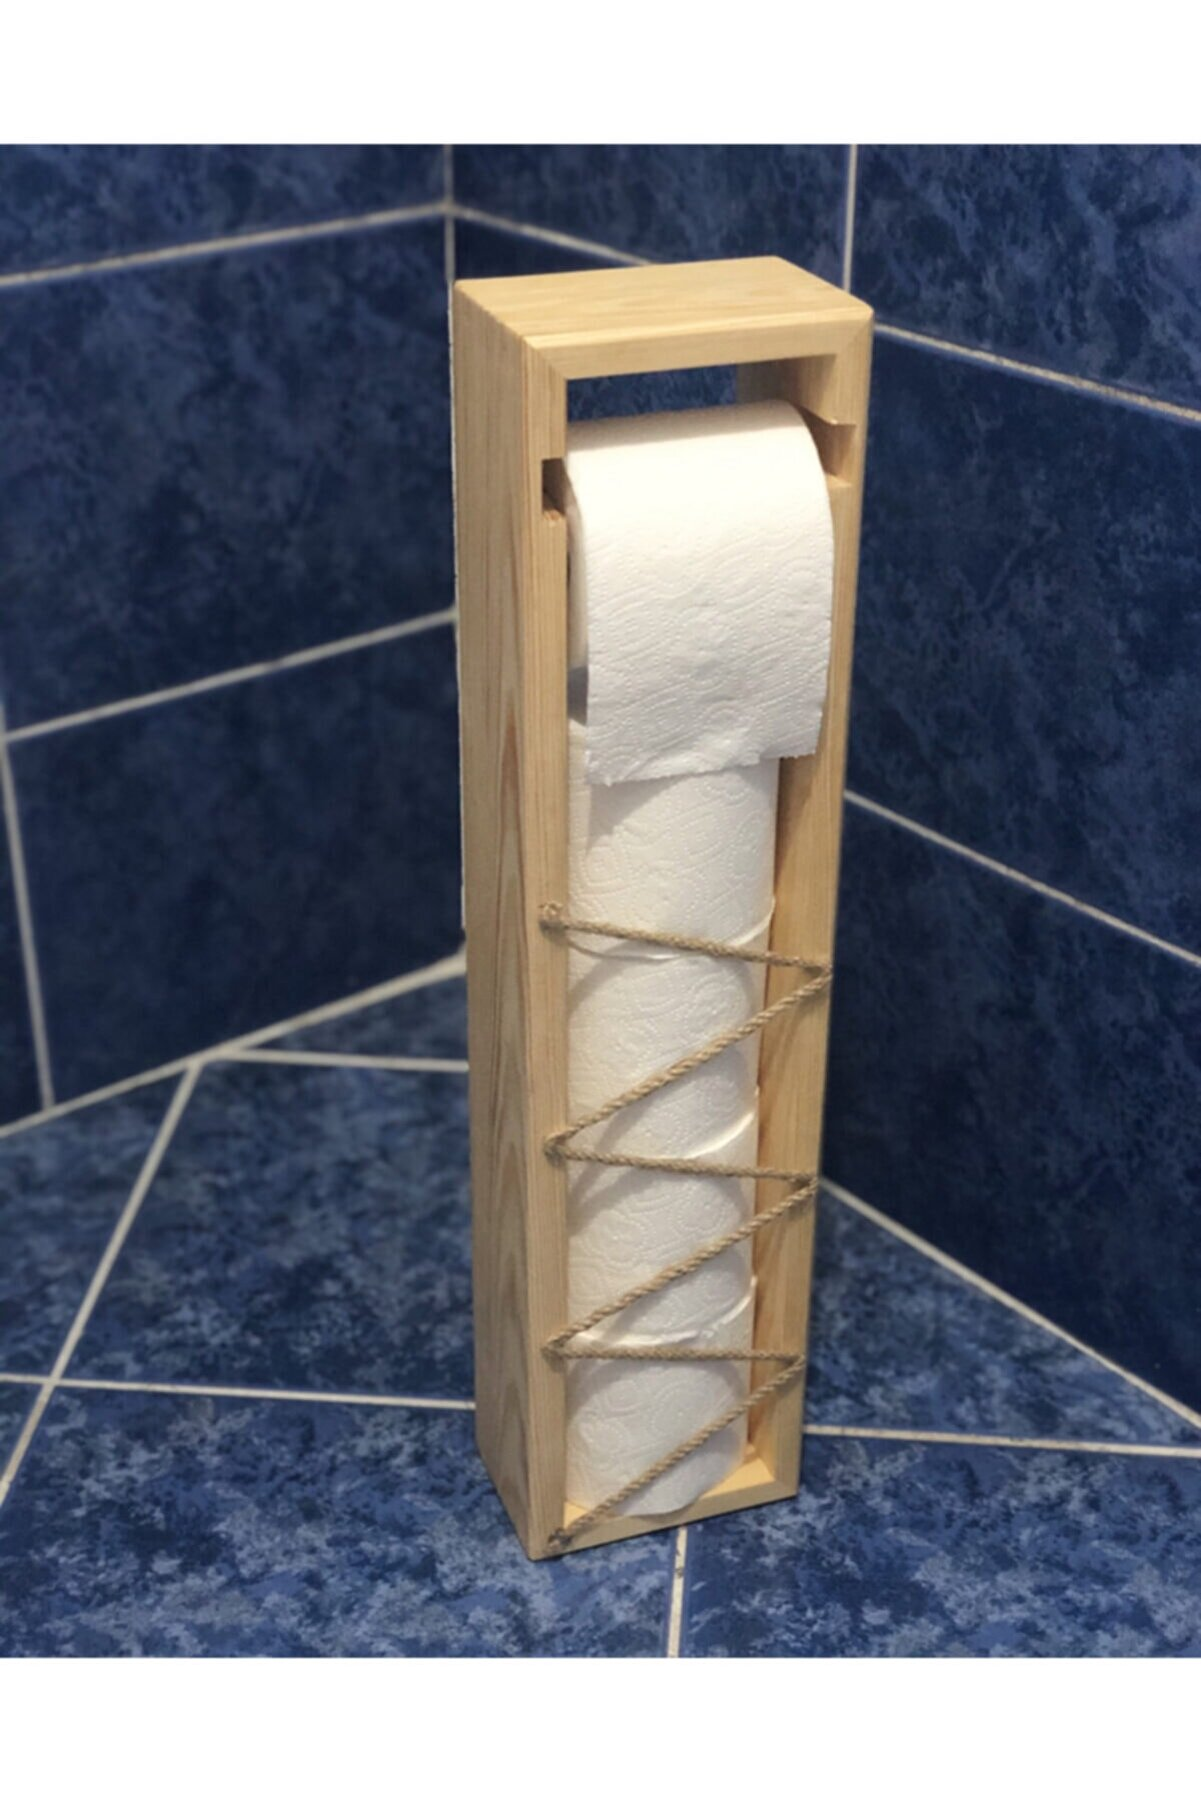 Teknik Ahşap Çam/ladin Ağacı Hazneli Tuvalet Kağıdı Standı